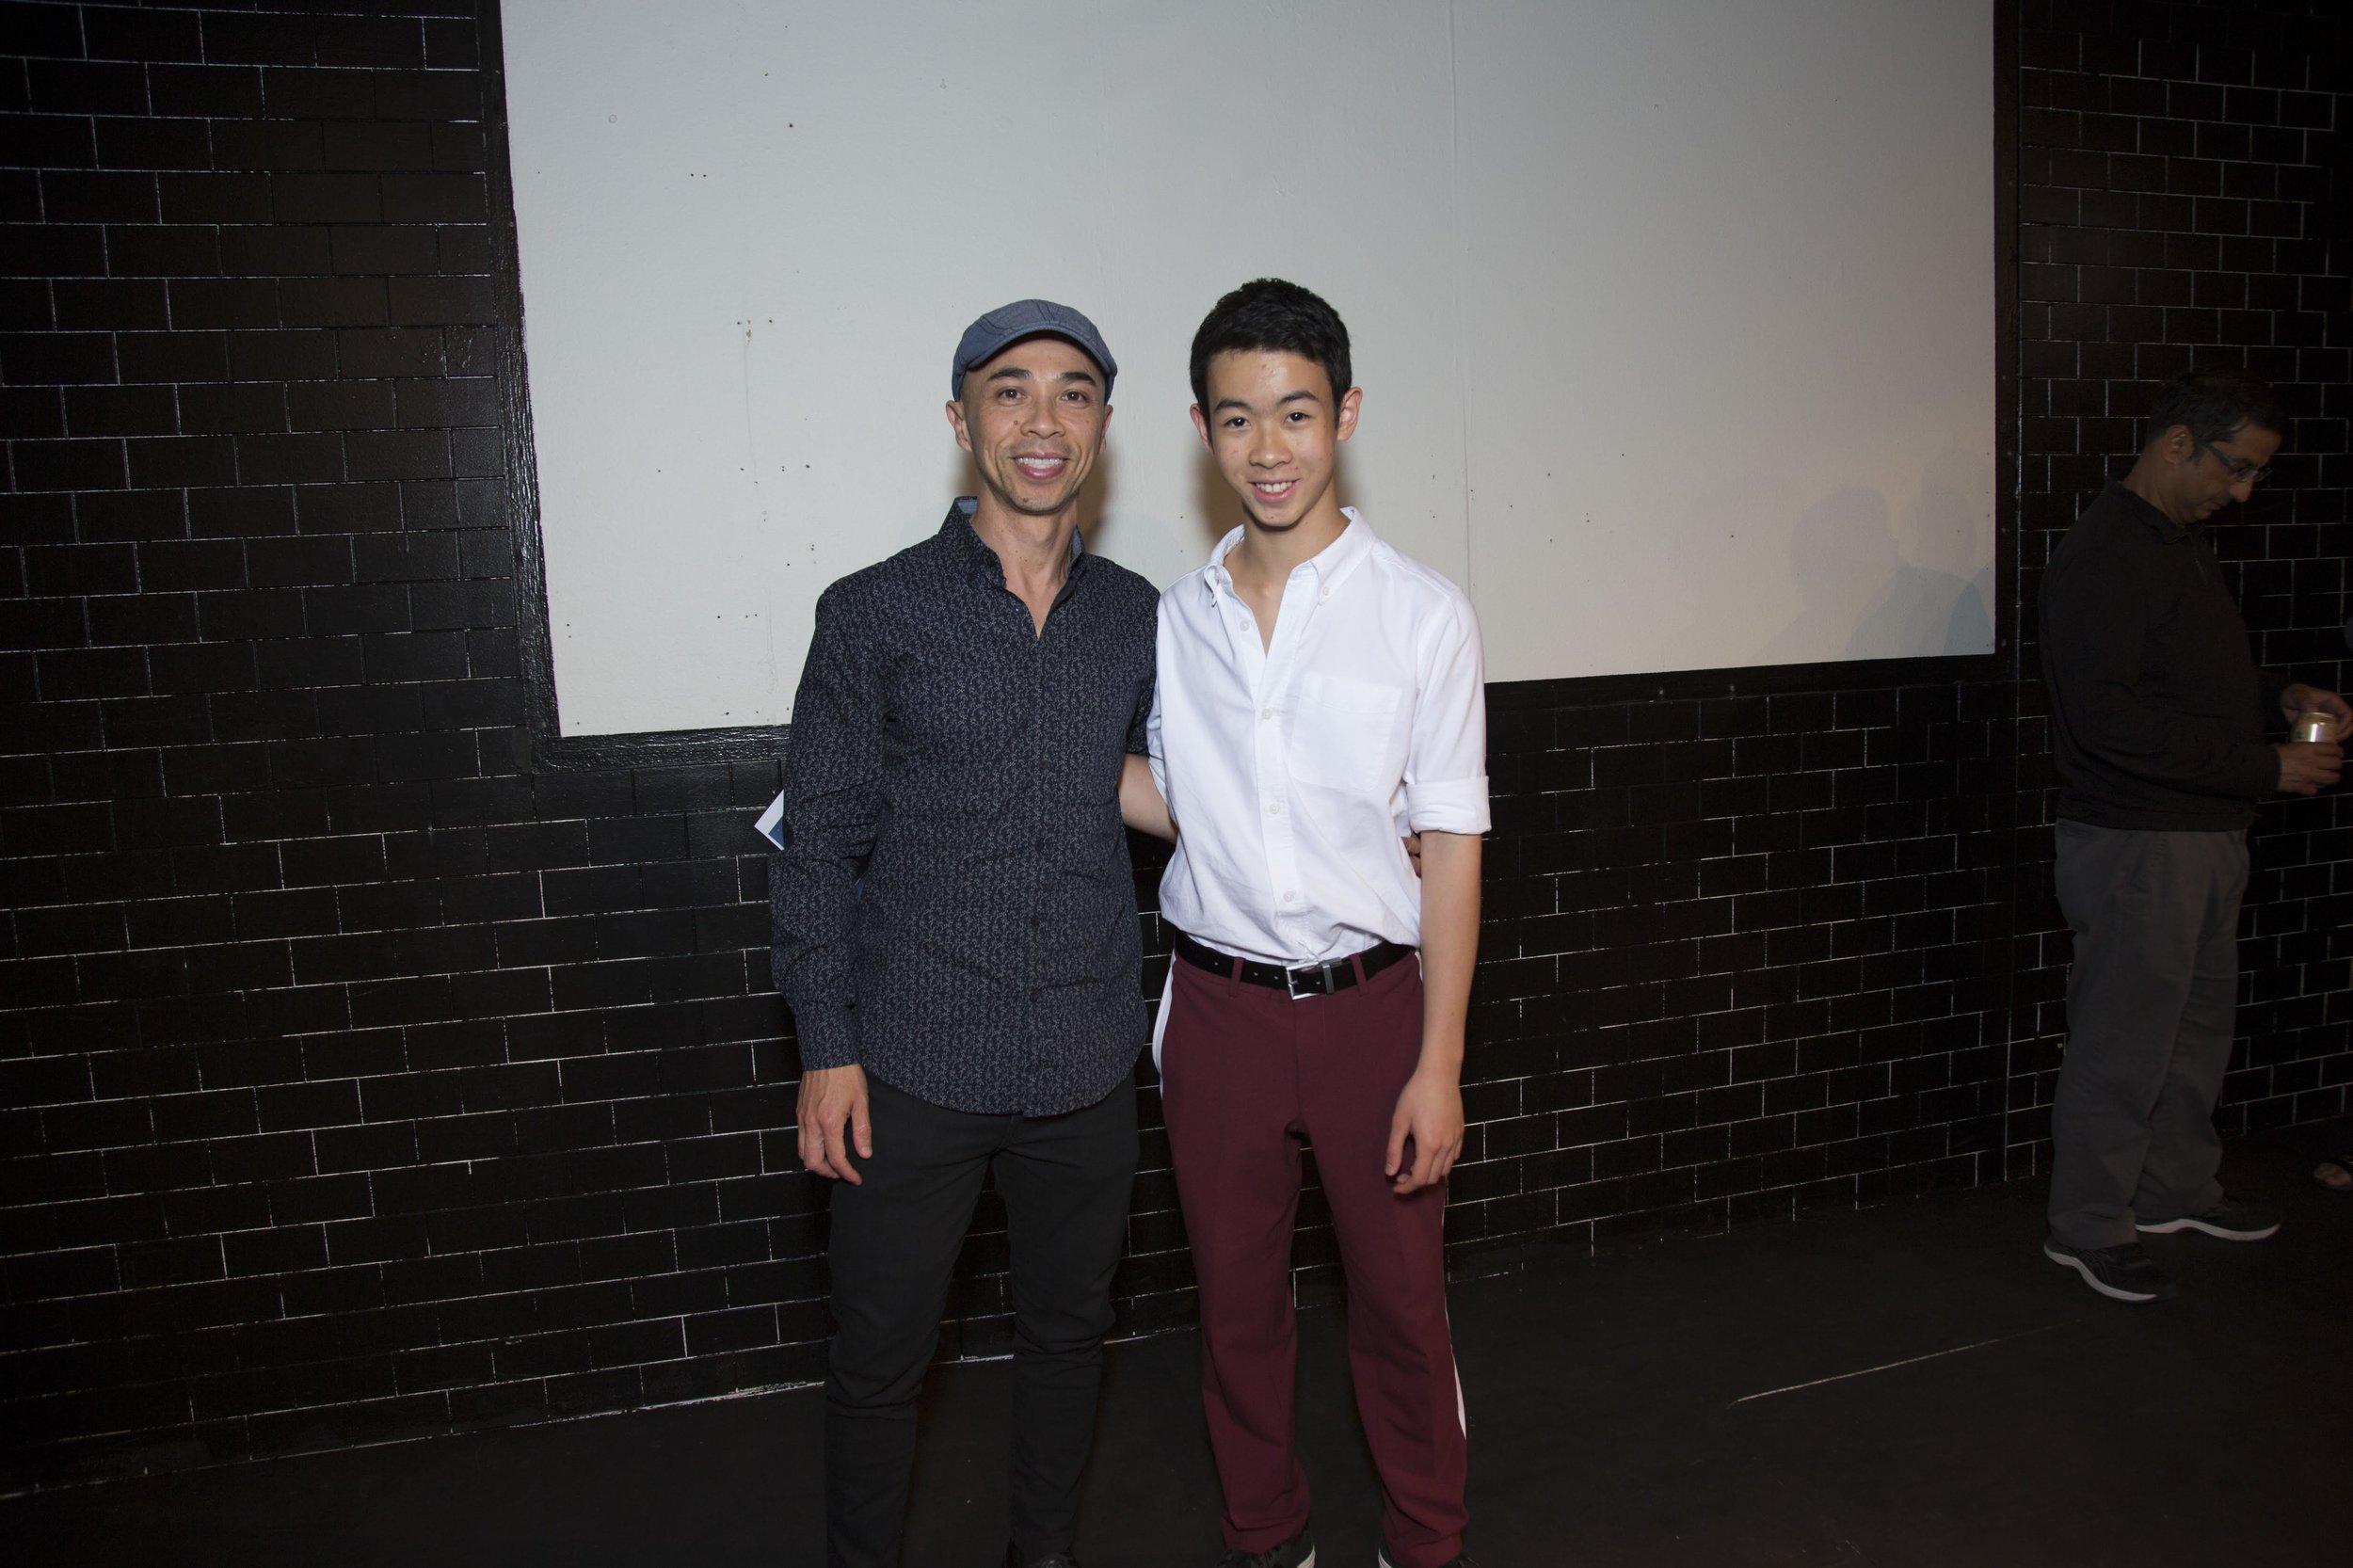 FilmFestival__April 12, 2019_42.jpg